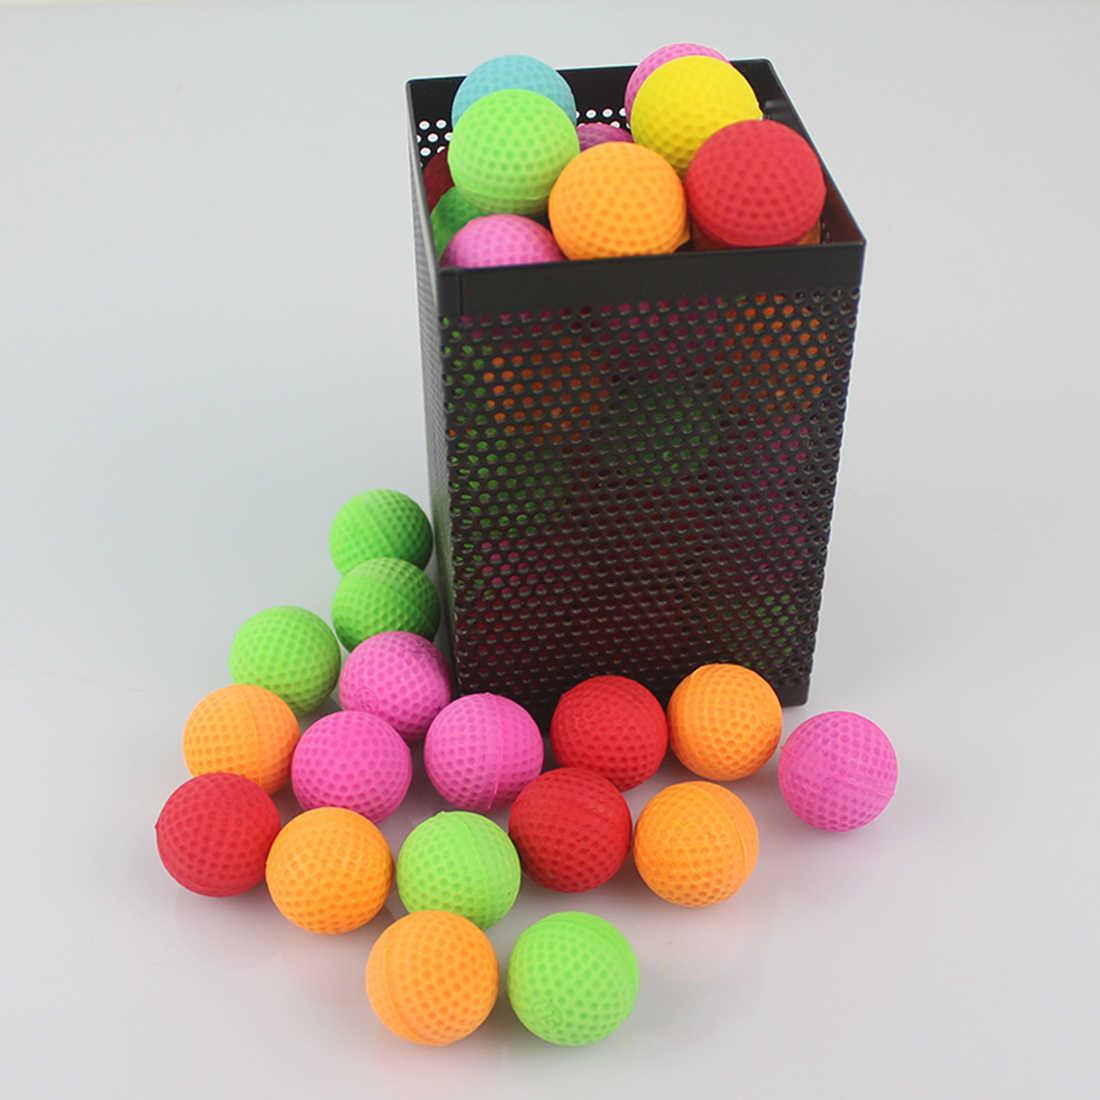 100 шт Круглые заполненные пеной семь цветов Смешанные шарики пули совместимые для XVIII-6000/MXVI-4000/MXVII-10K Apollo Игрушки для мальчиков подарок